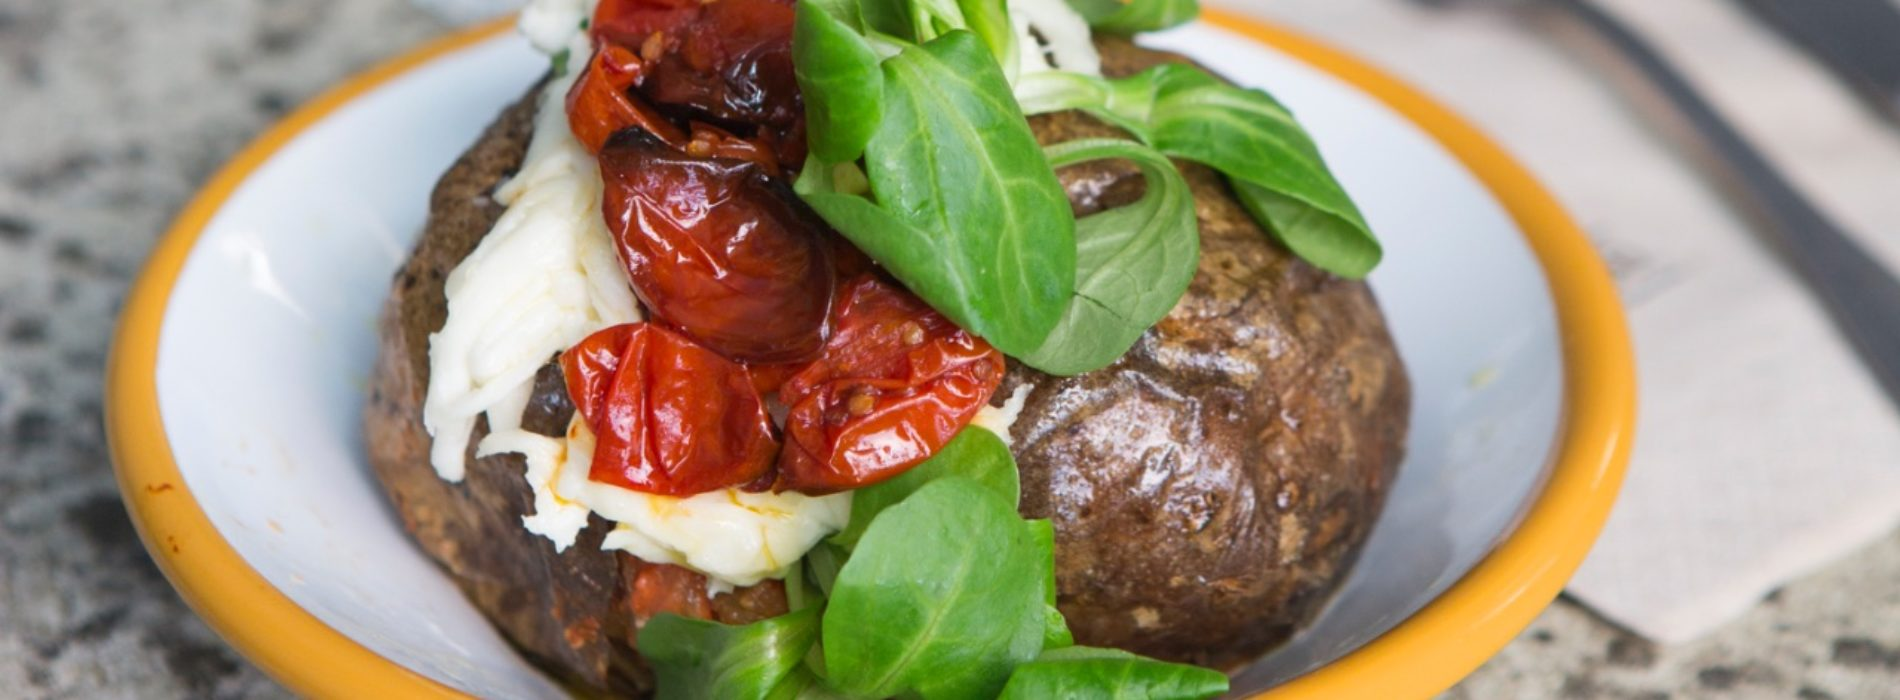 Gialle&Co Milano, la baked potato all'italiana per pranzo, cena e aperitivo in Moscova